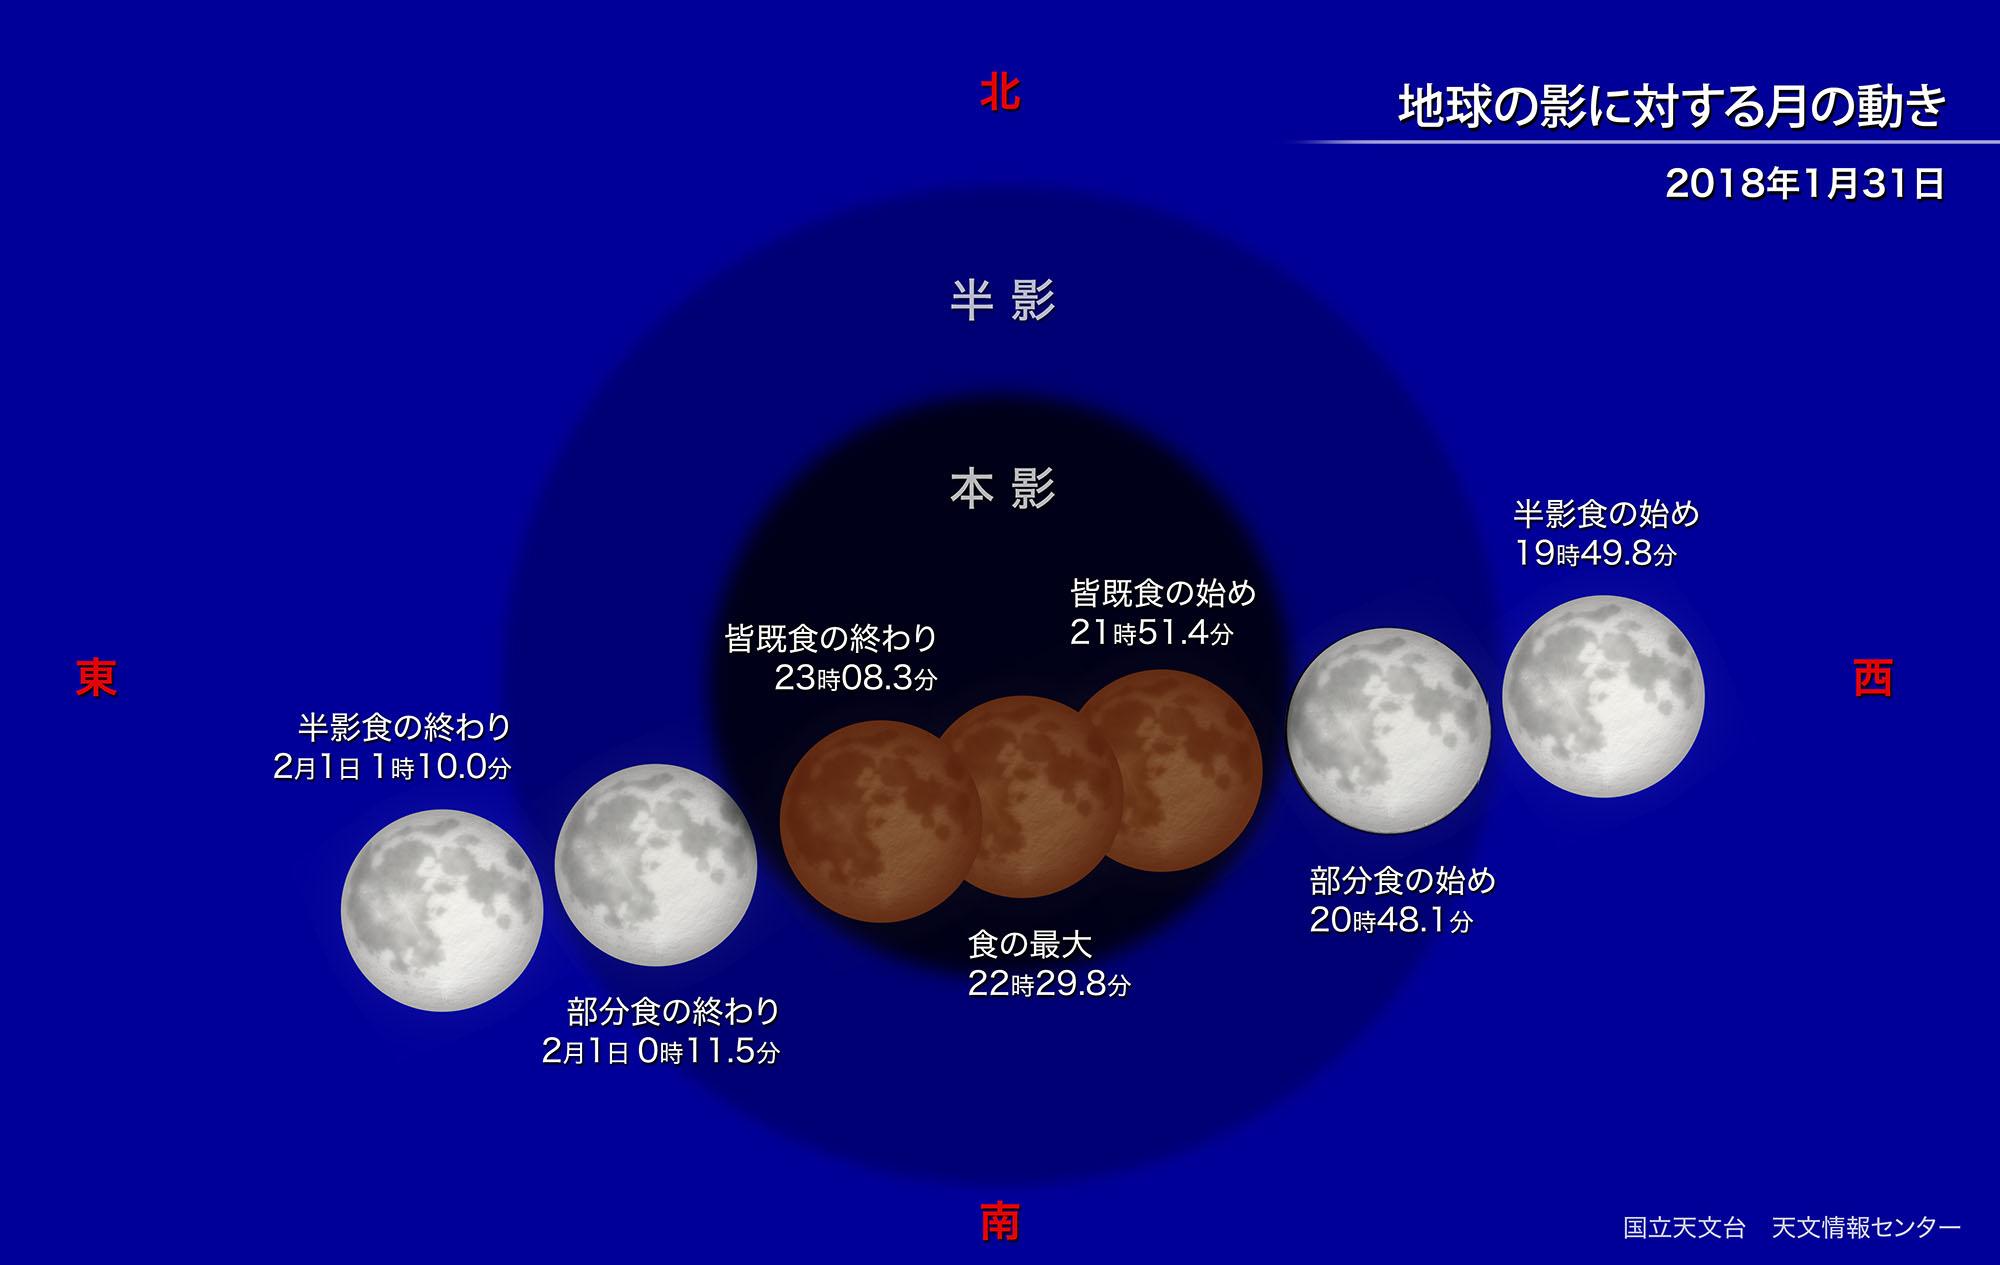 2018年の皆既月食